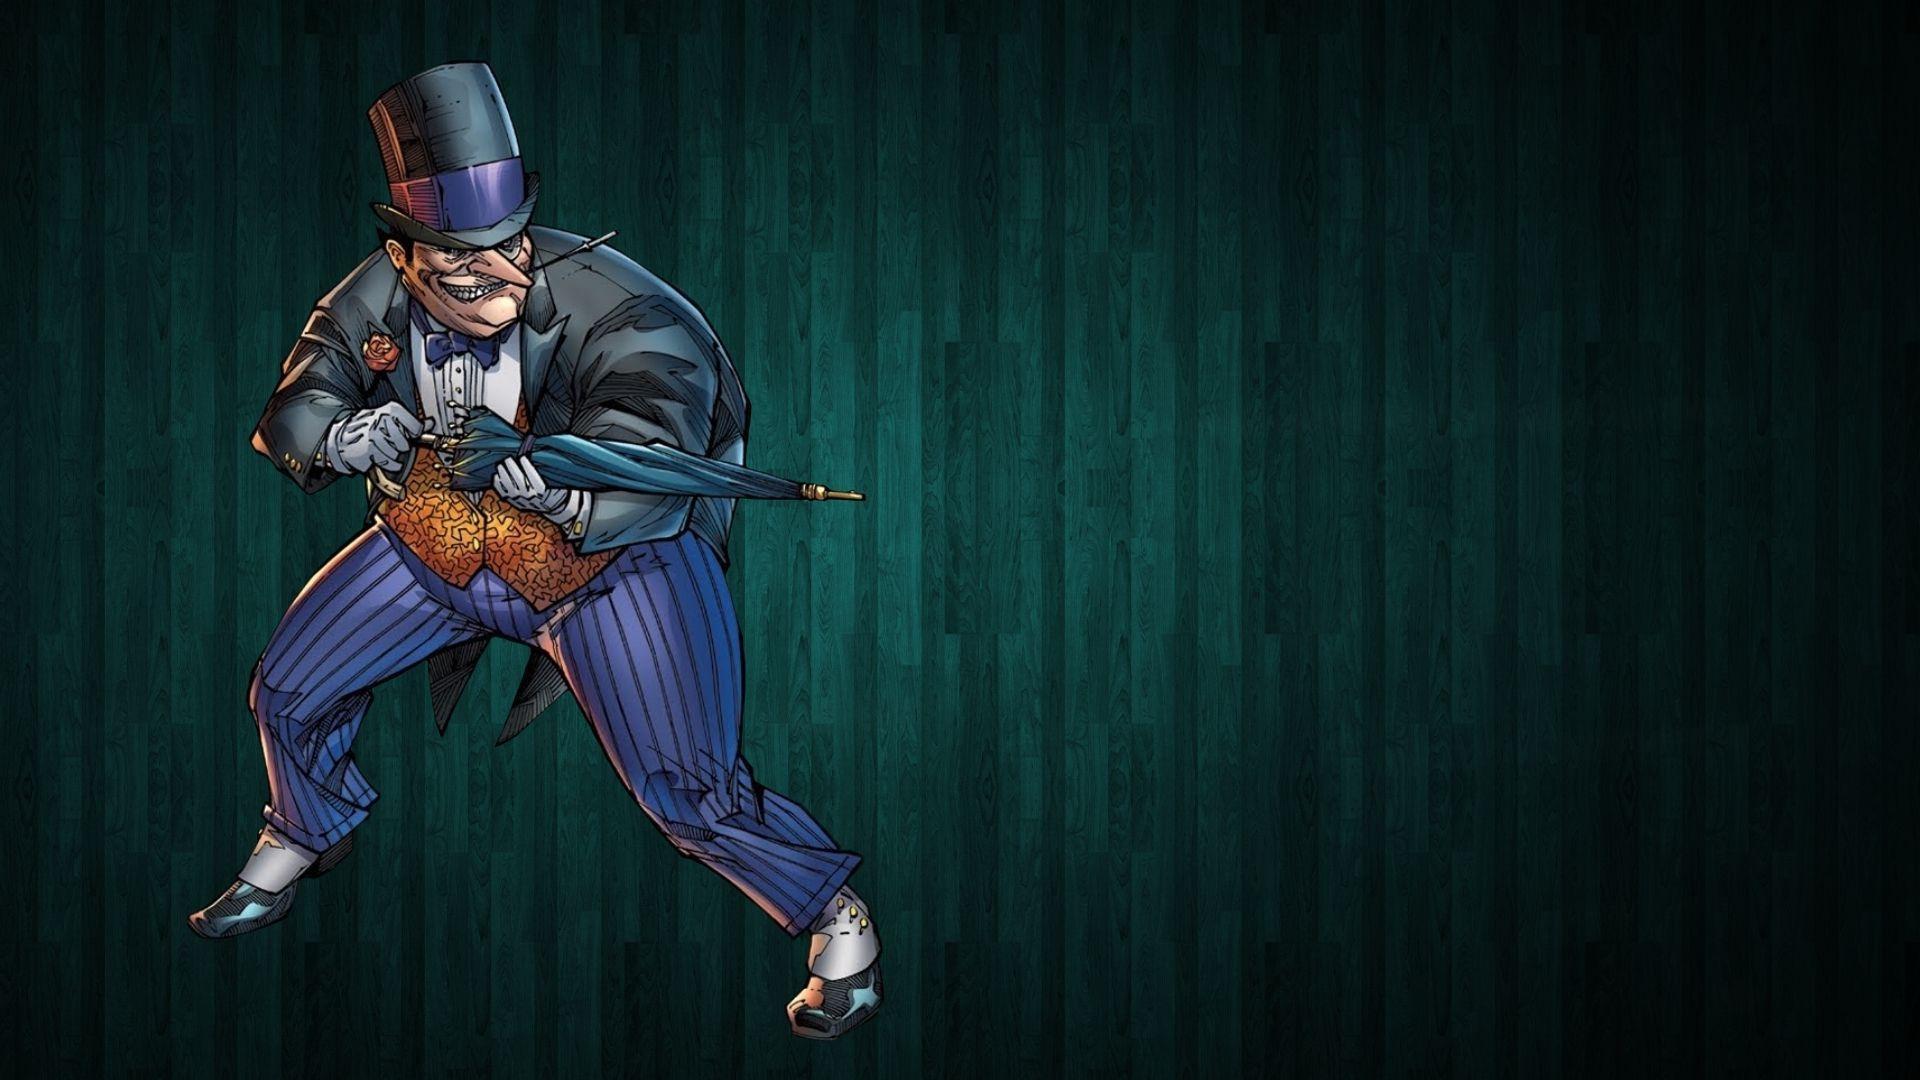 The Penguin with his umbrella   Batman HD desktop wallpaper 1920x1080